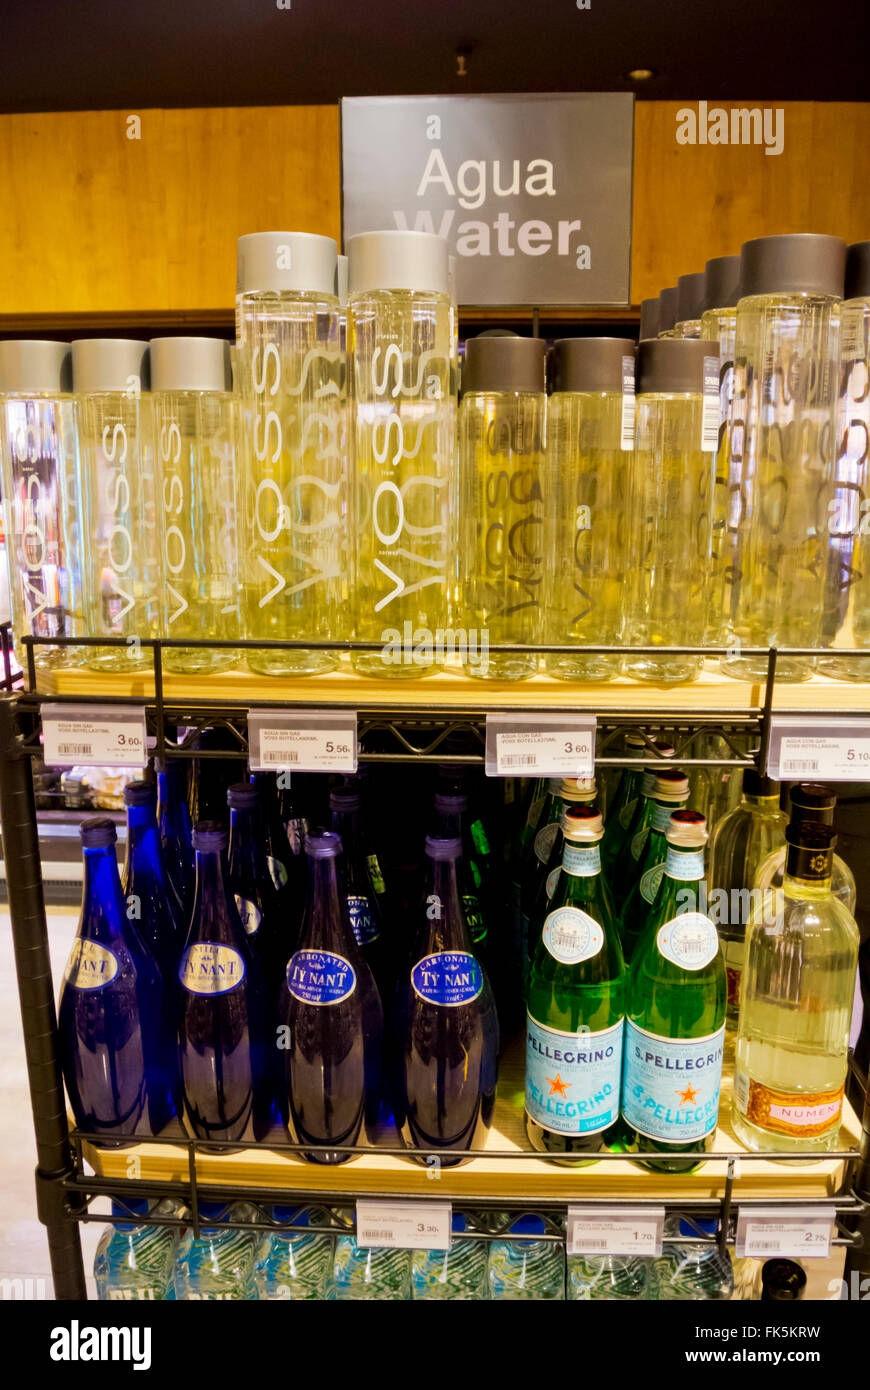 L'eau en bouteille, une expérience gastronomique, haut-de-chaussée, restauration et supérette, Photo Stock